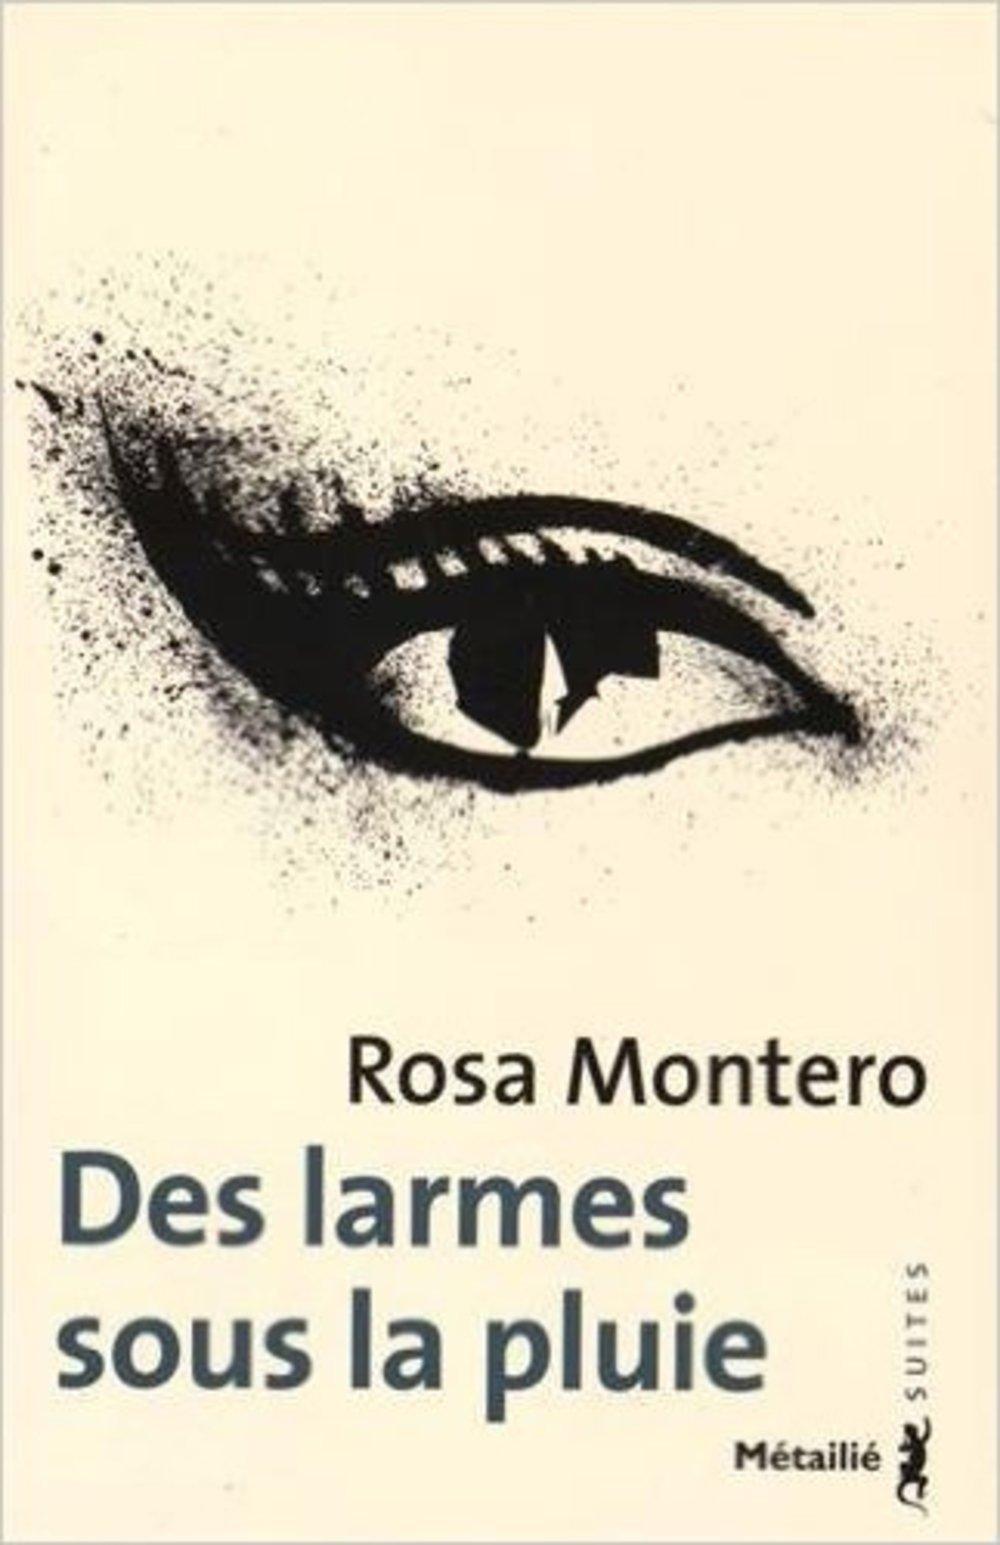 Des larmes sous la pluie - Rosa Montero